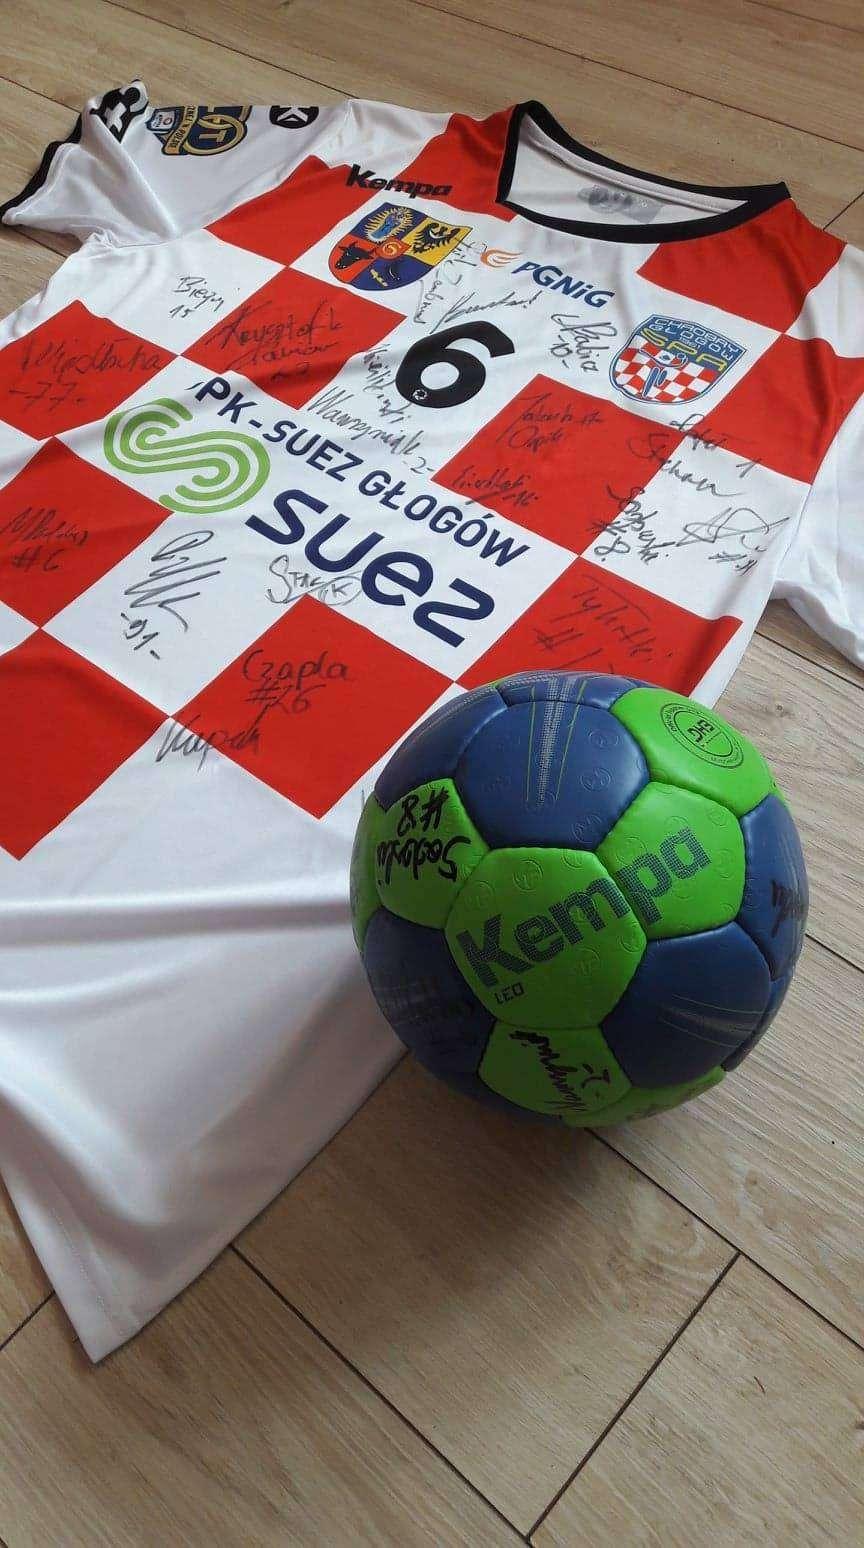 Koszulka i piłka SPR Chrobry Głogów przeznaczone na licytację